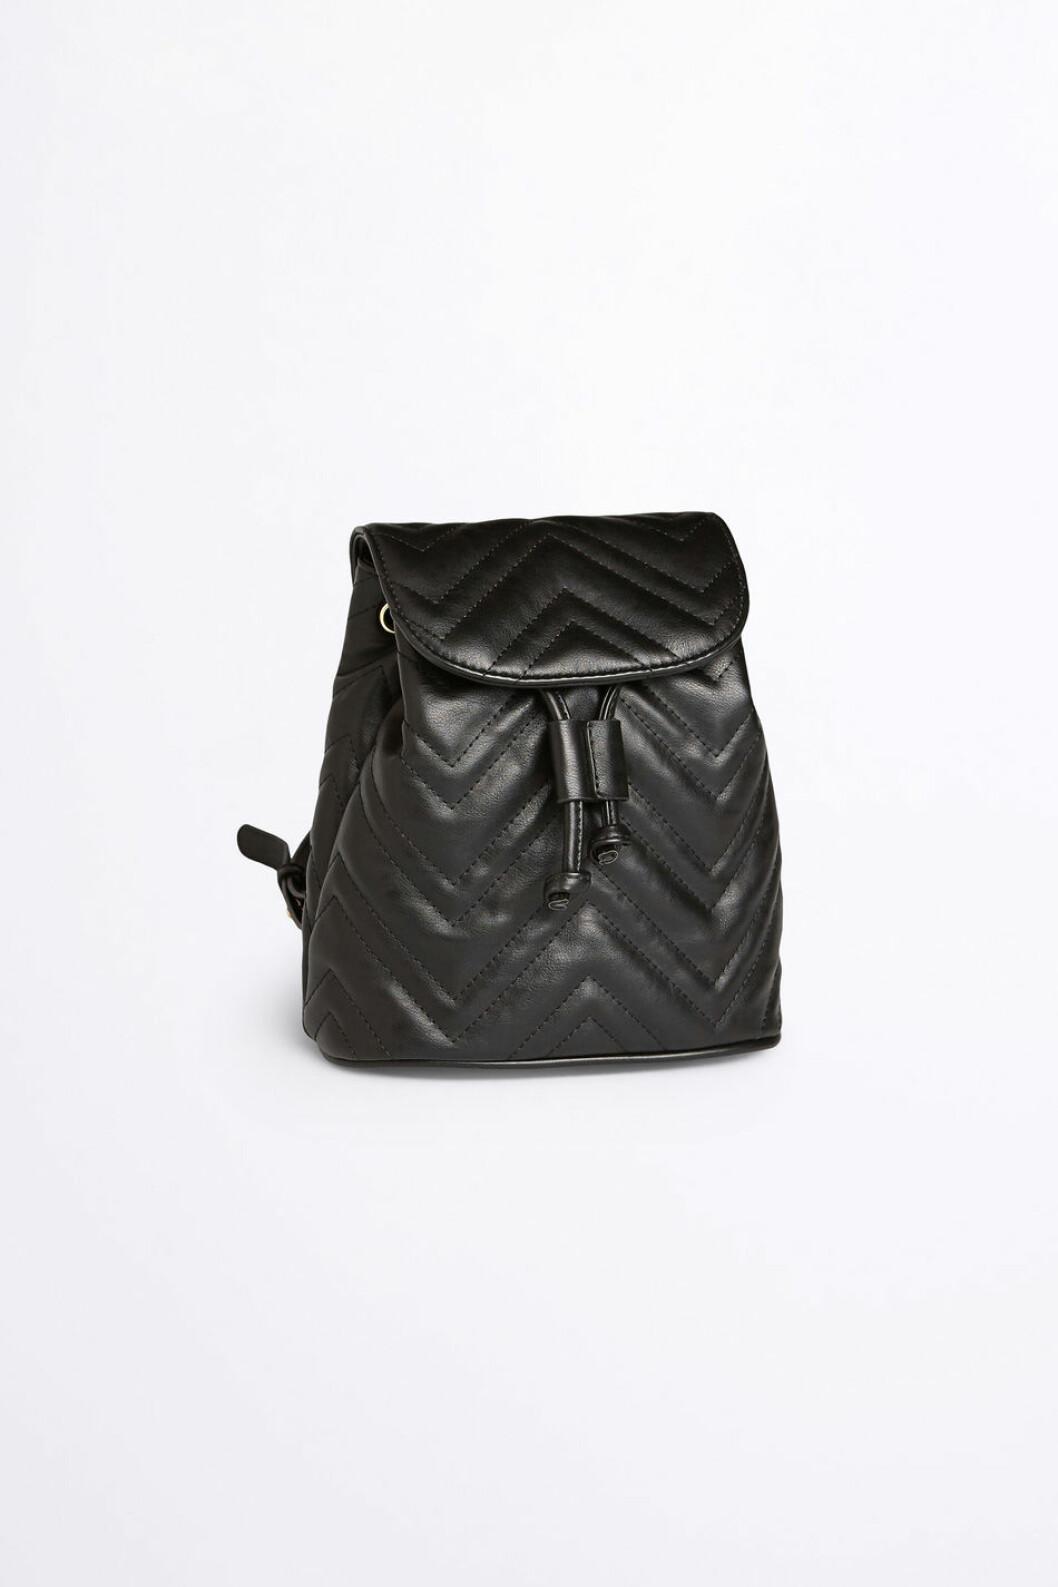 Svart ryggsäck från Gina Tricot